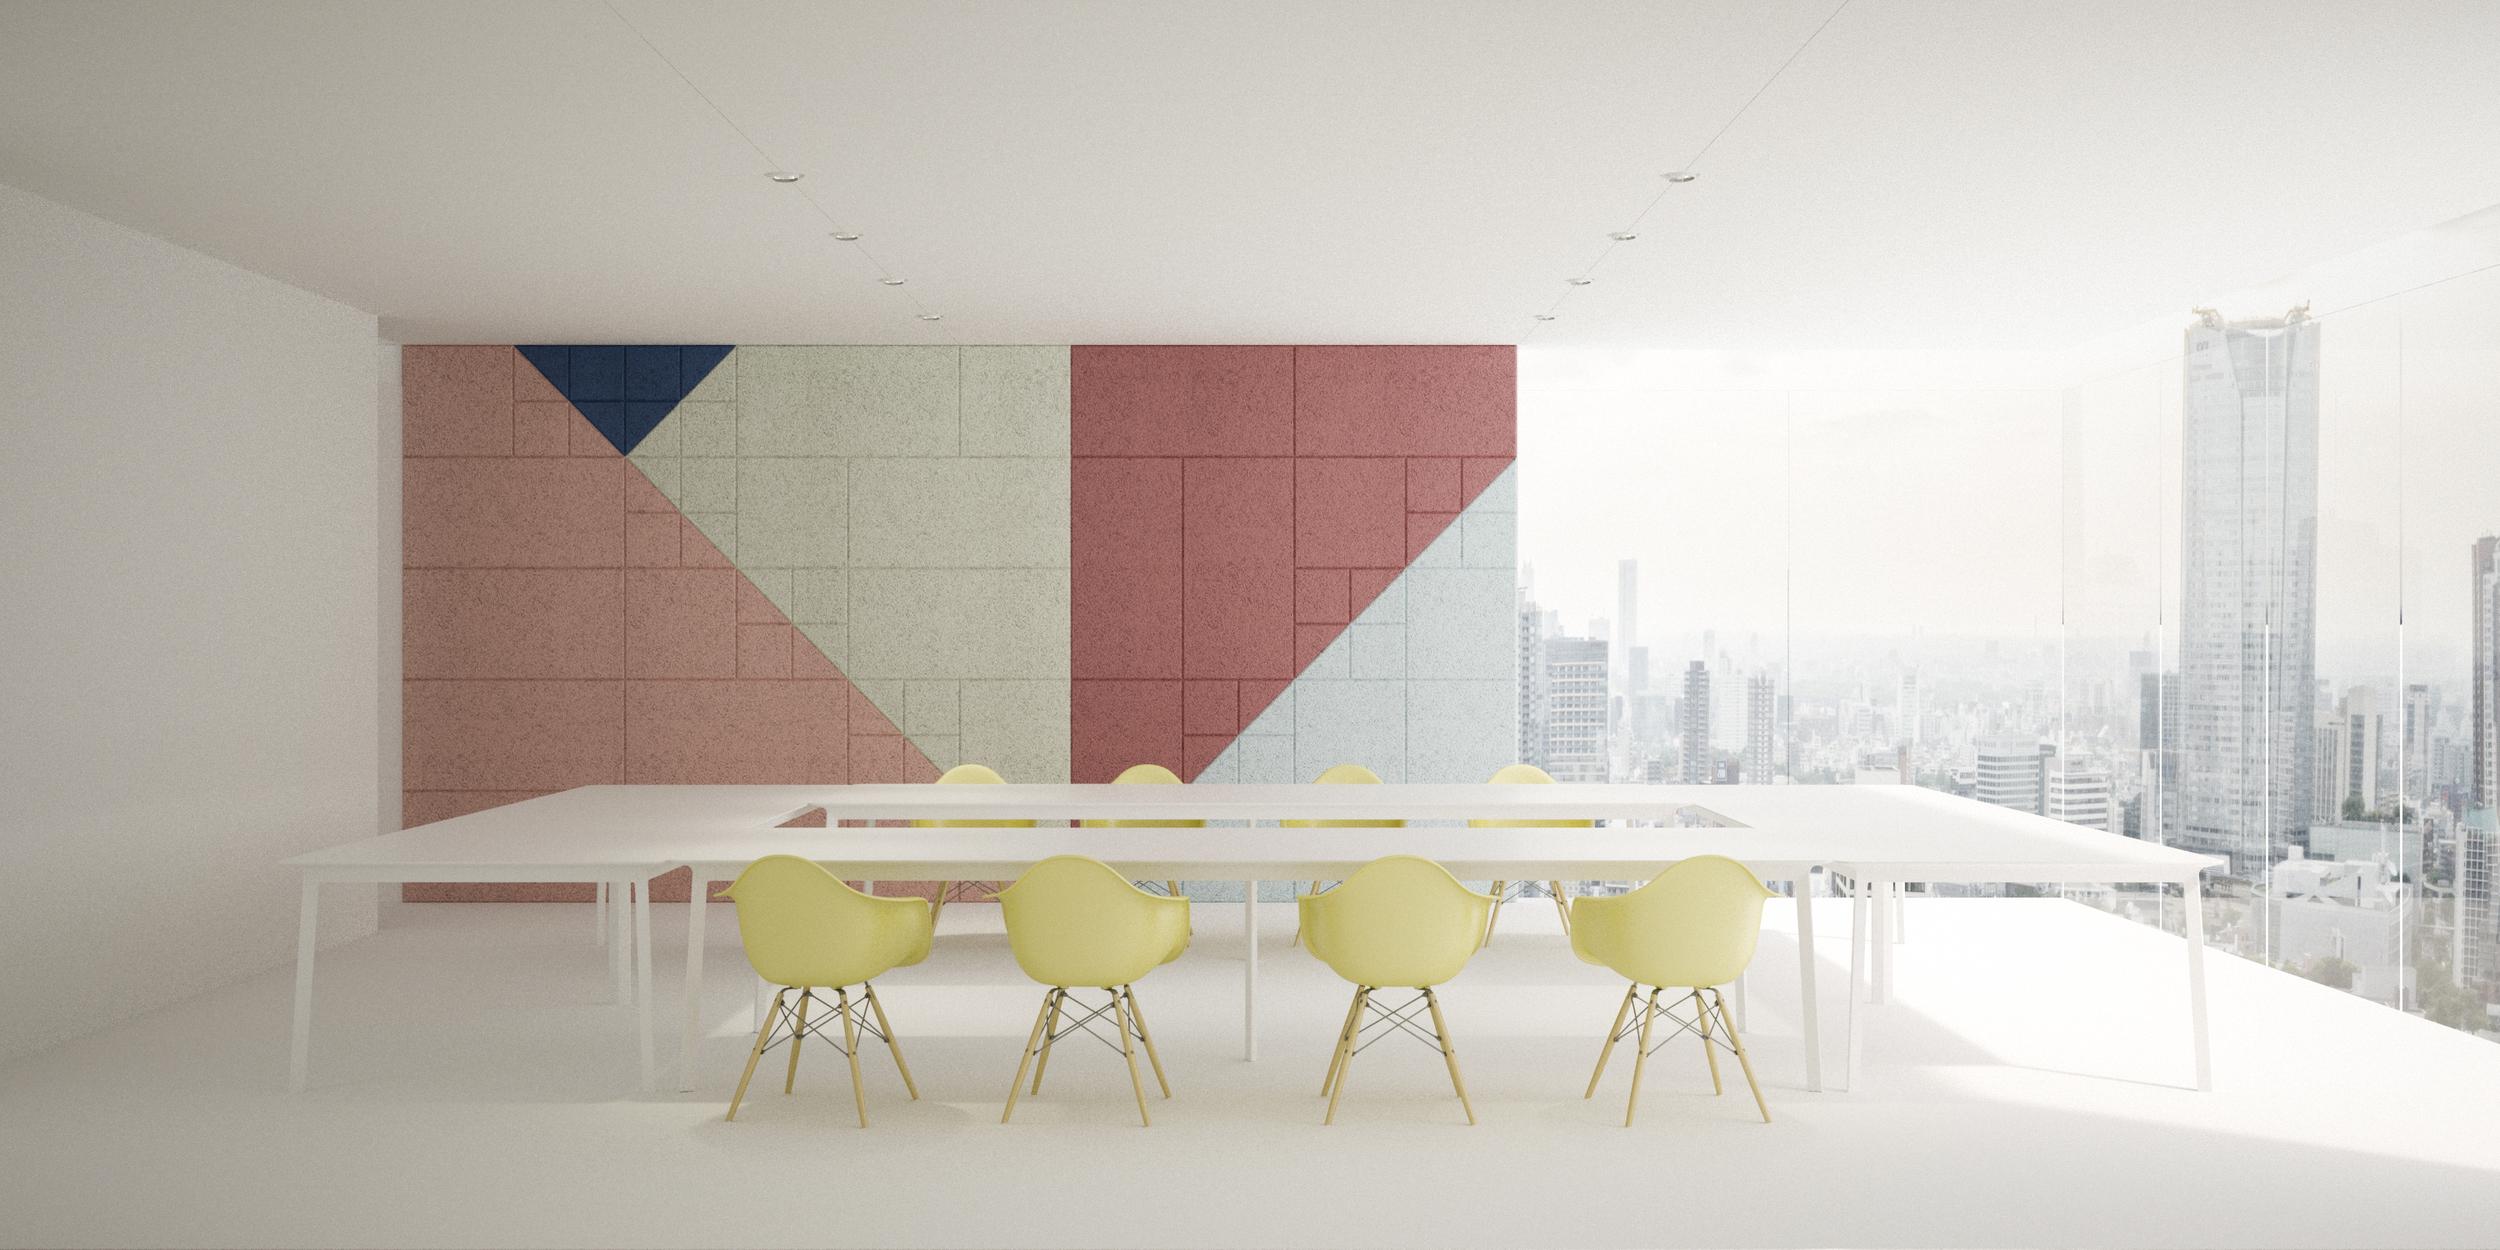 BAUX_meeting room set 1.jpg